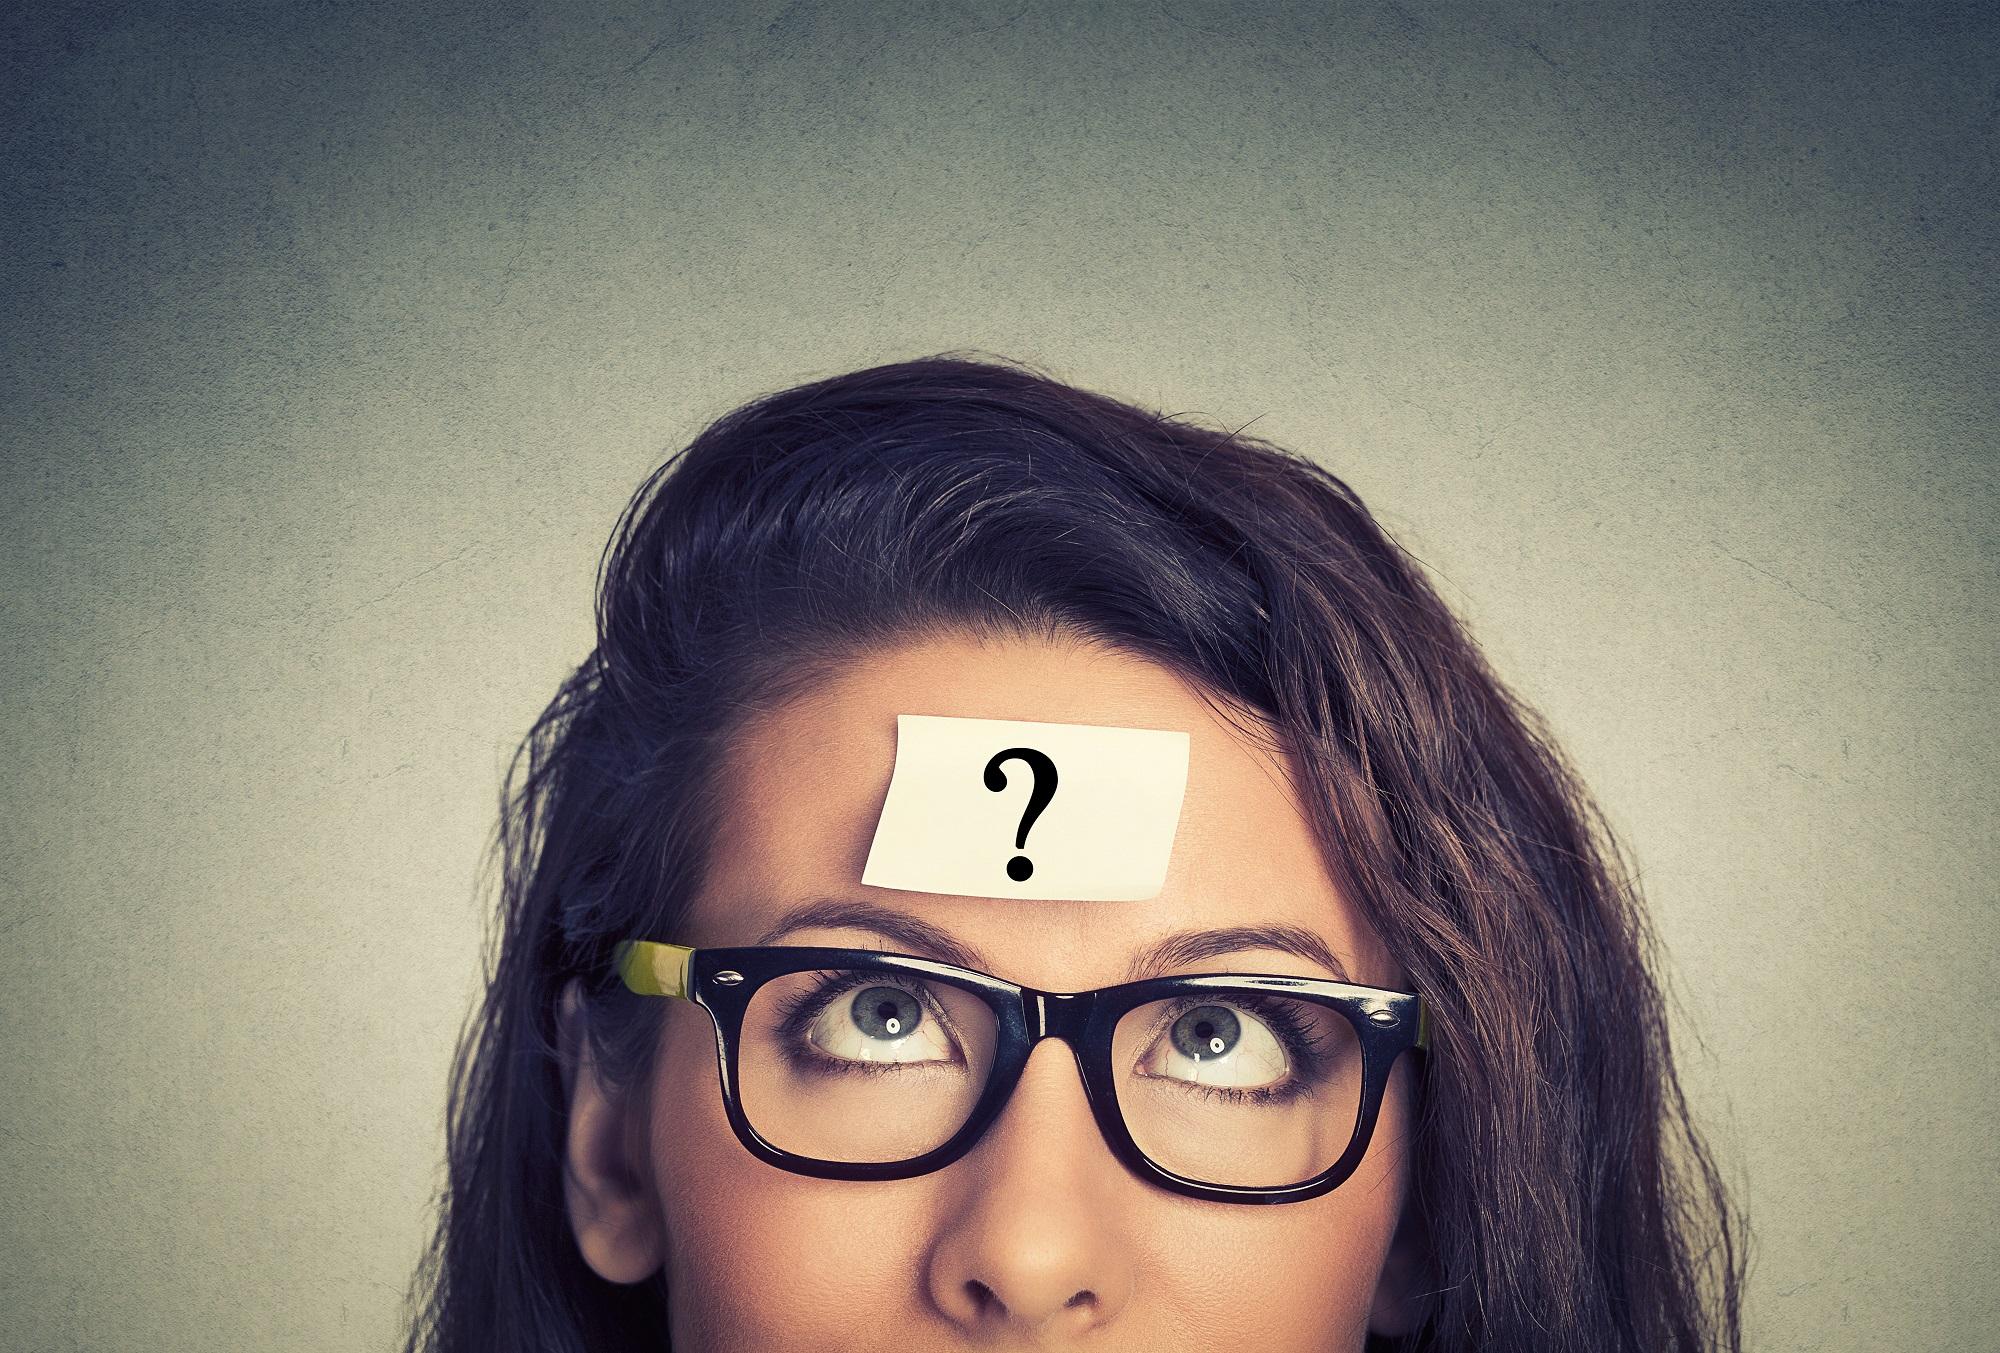 Dispositif Pinel : comment démêler le vrai du faux ?